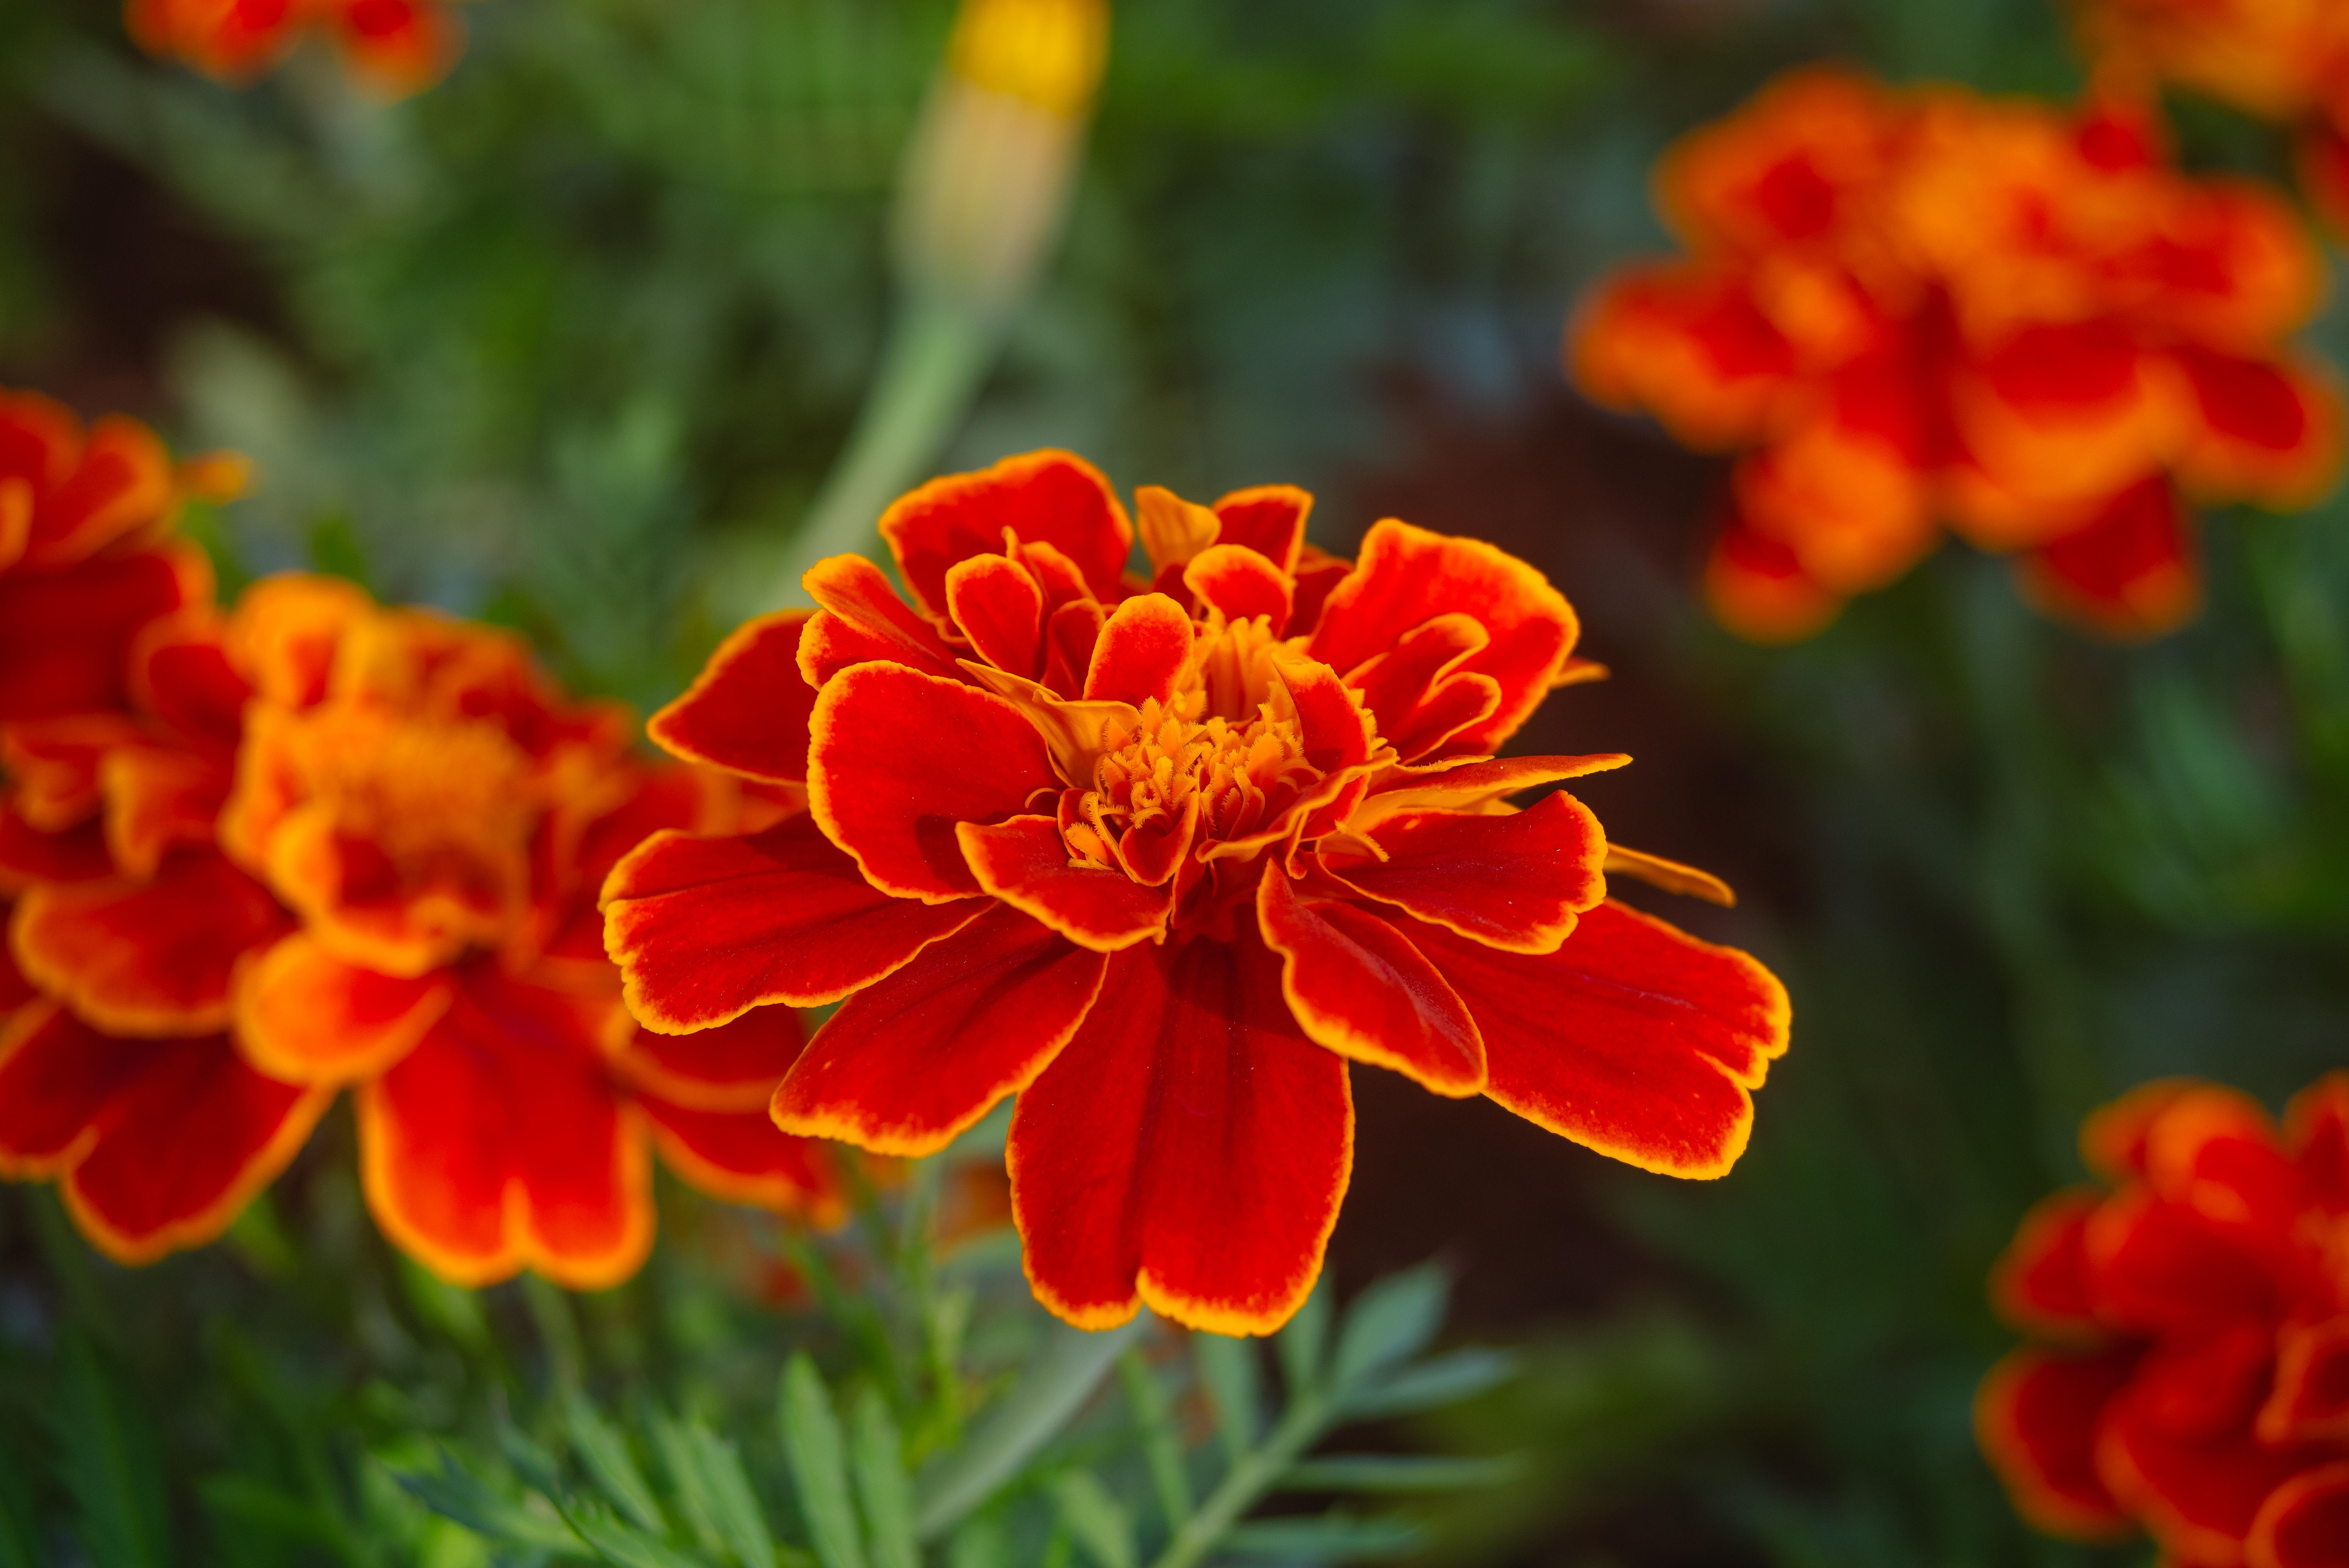 雖然菊展還沒有開始,士林官邸裡的菊花已經美麗綻放。攝影/林梓晴